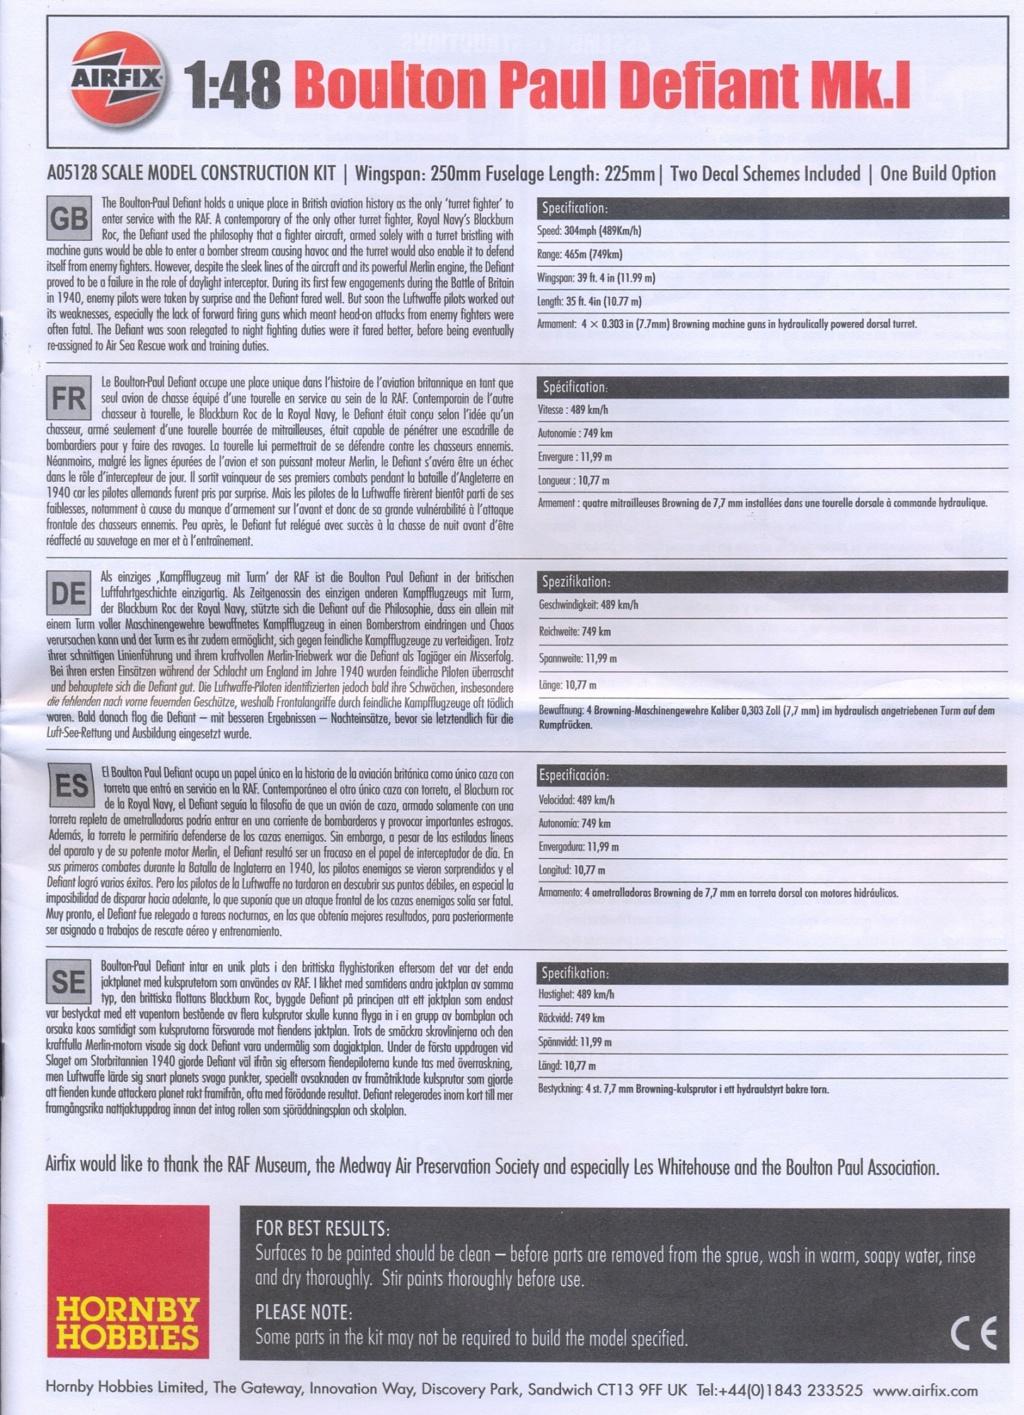 Boulton Paul Defiant MK1 1/48 AIRFIX Notice12